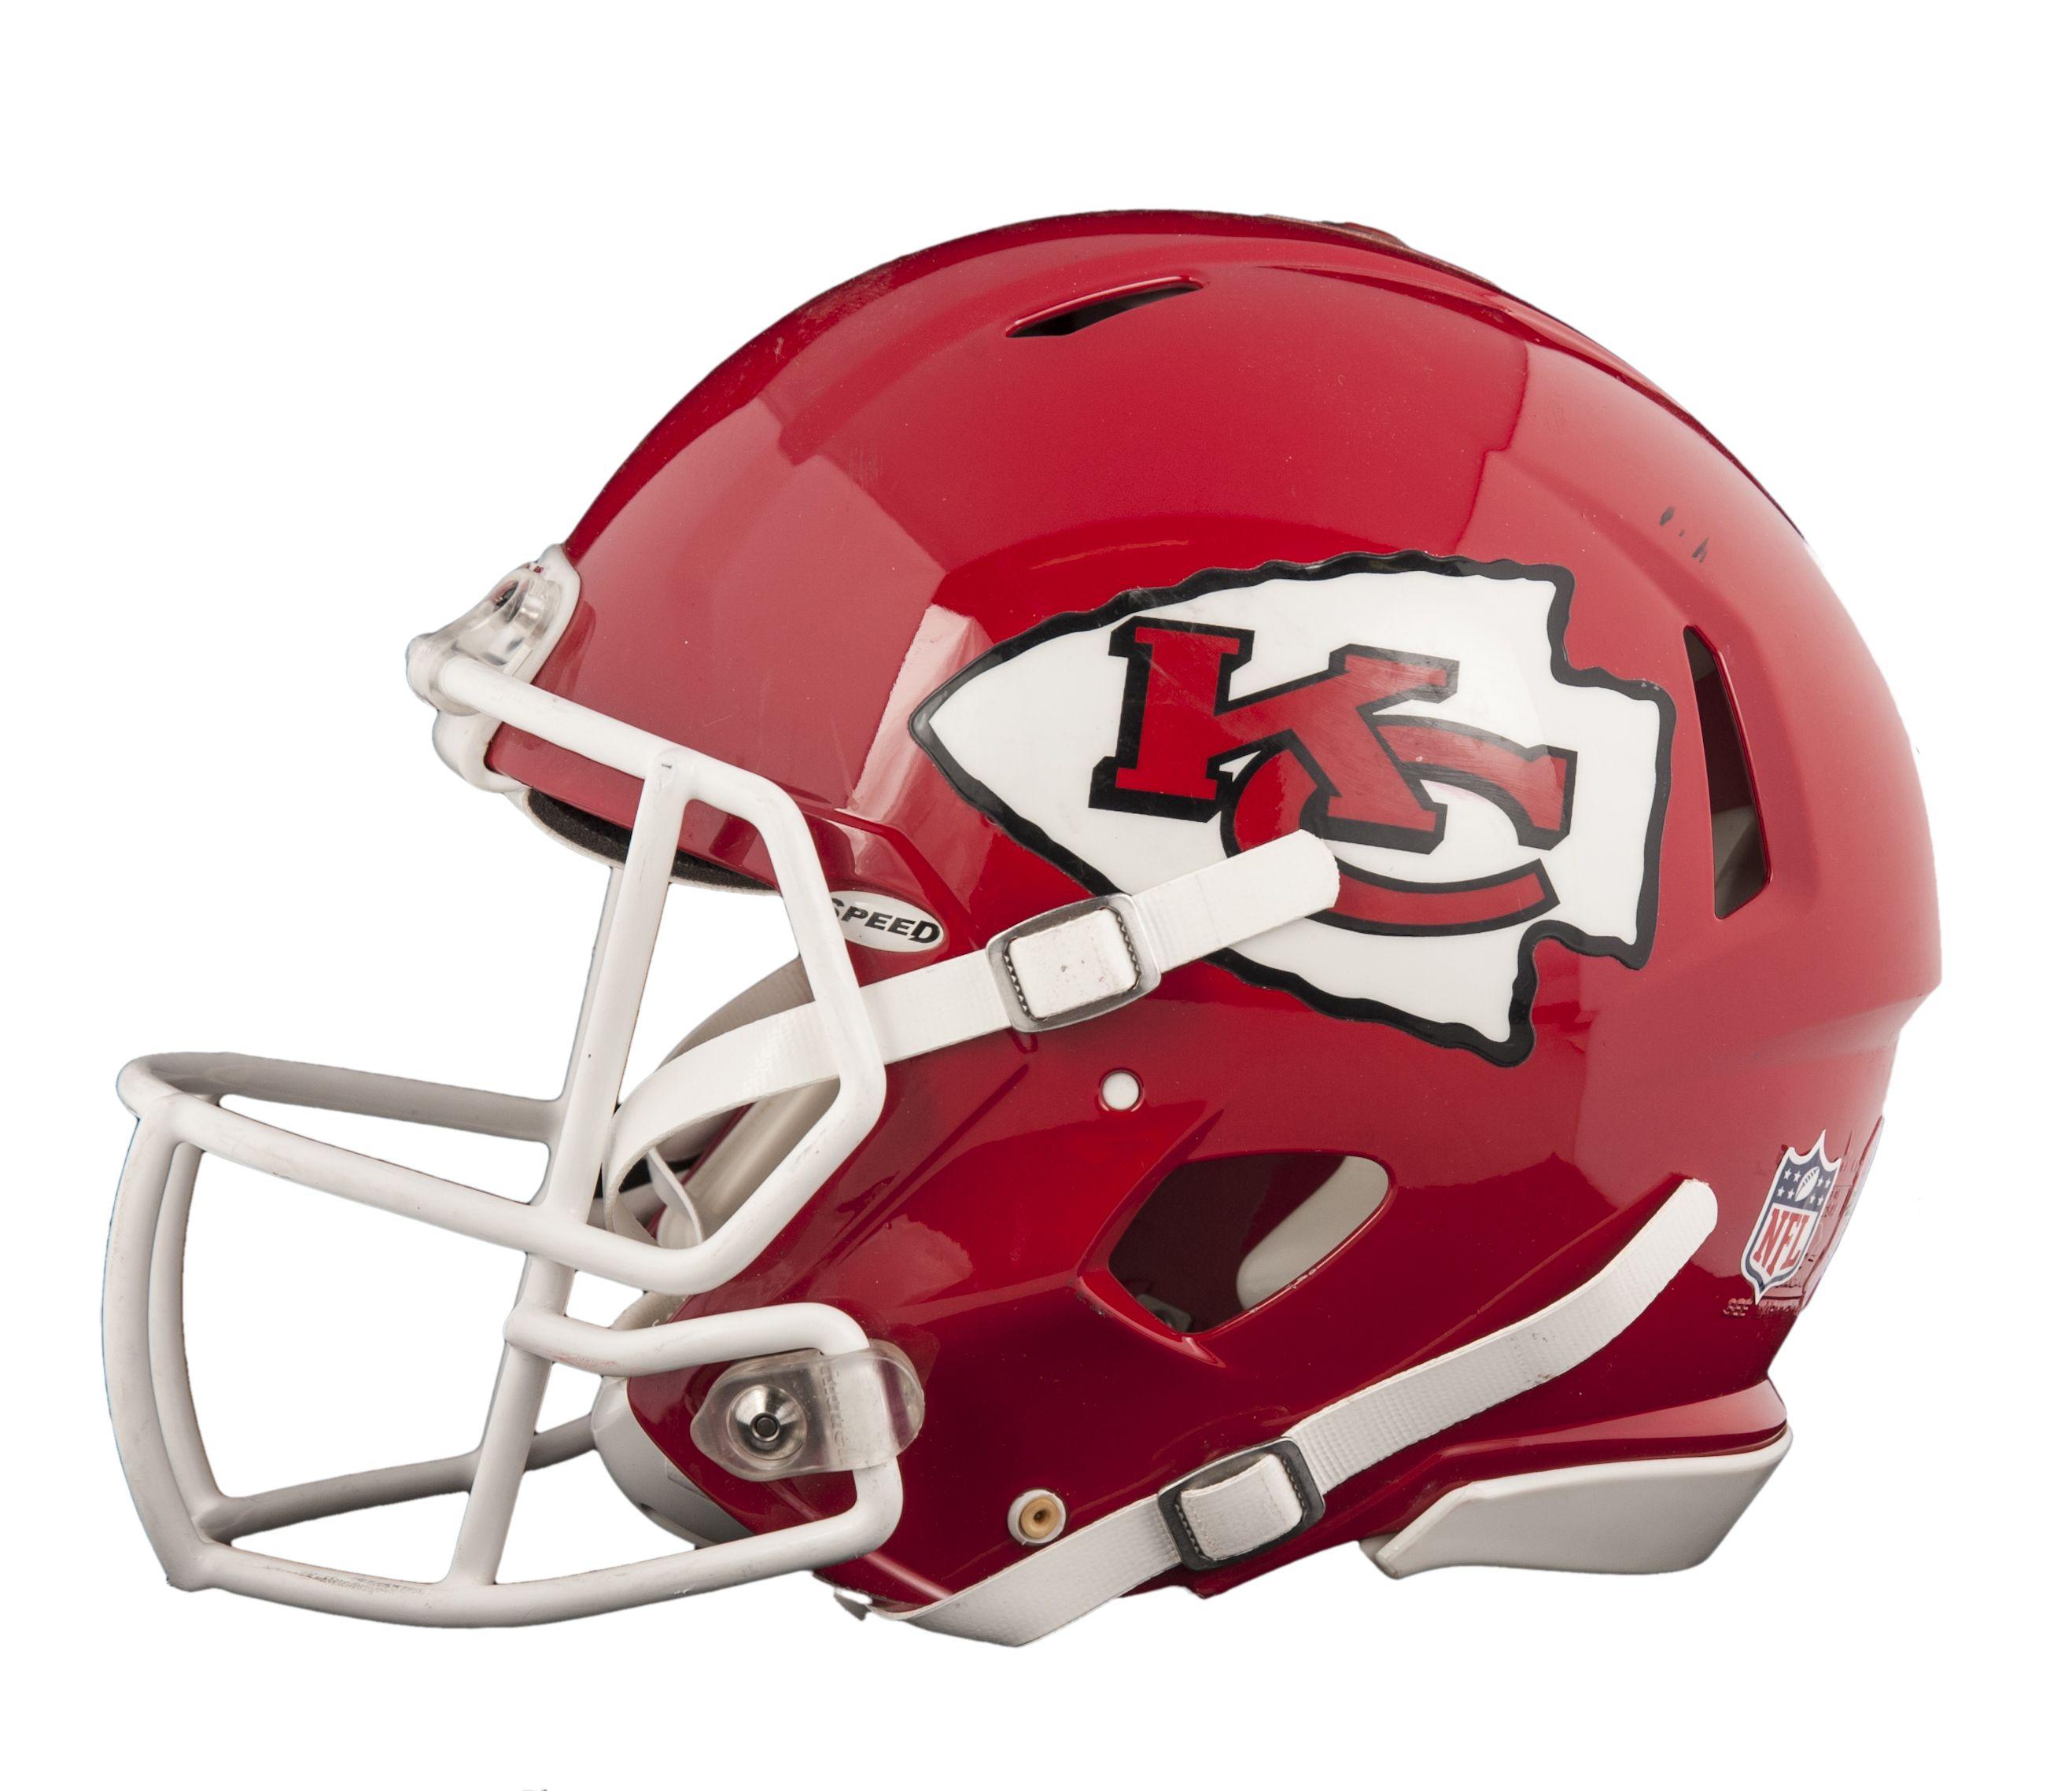 Kansas City Chiefs New Helmet